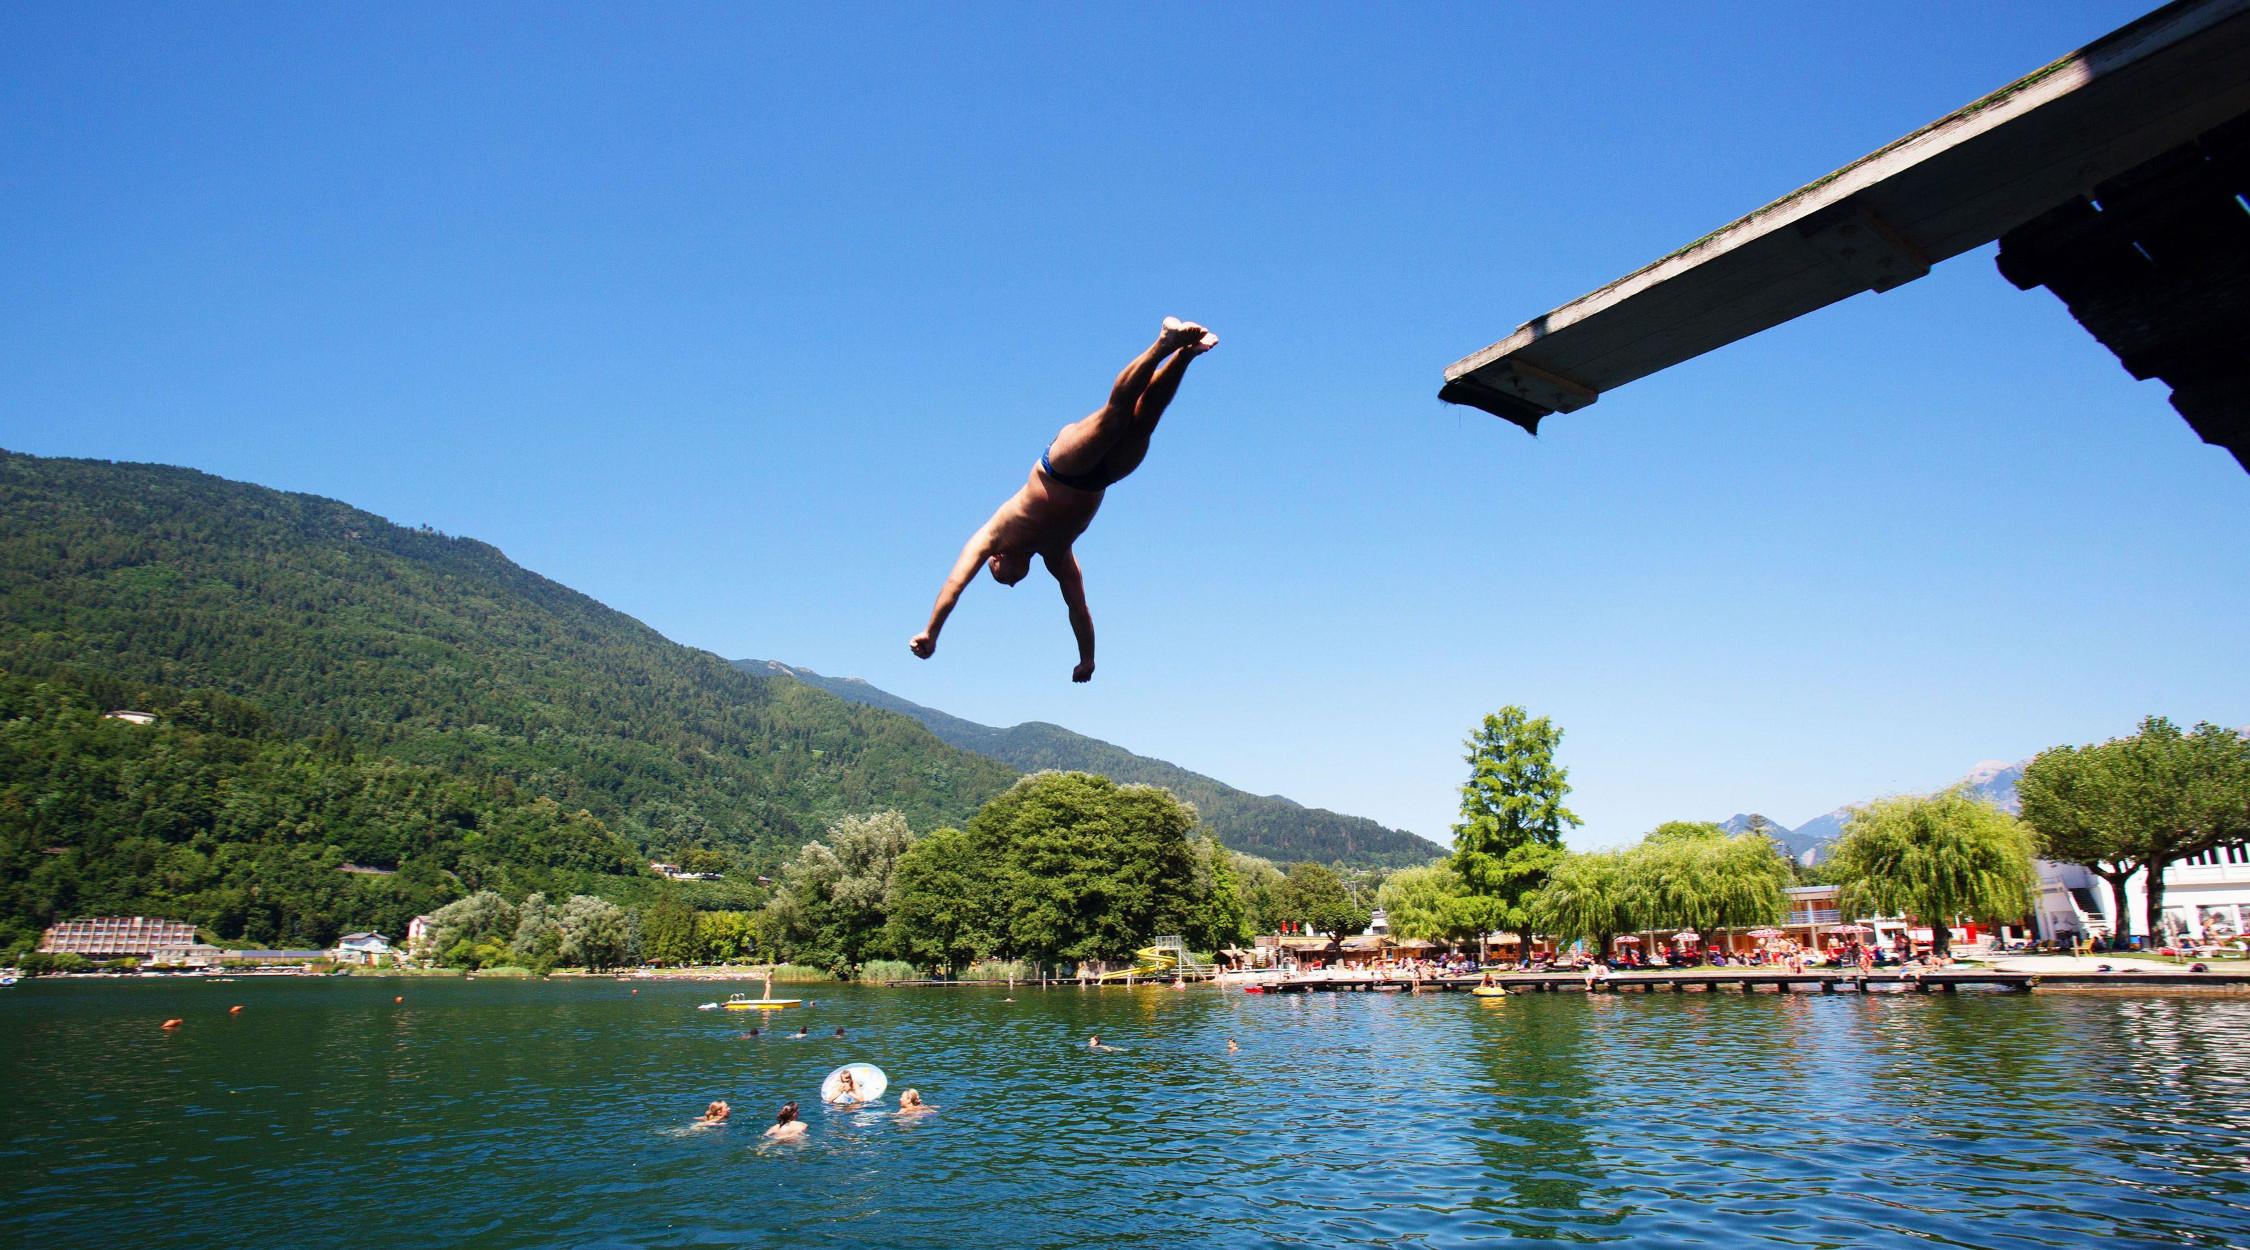 Vacanze in Trantino tra laghi, fiumi, torrenti e cascate